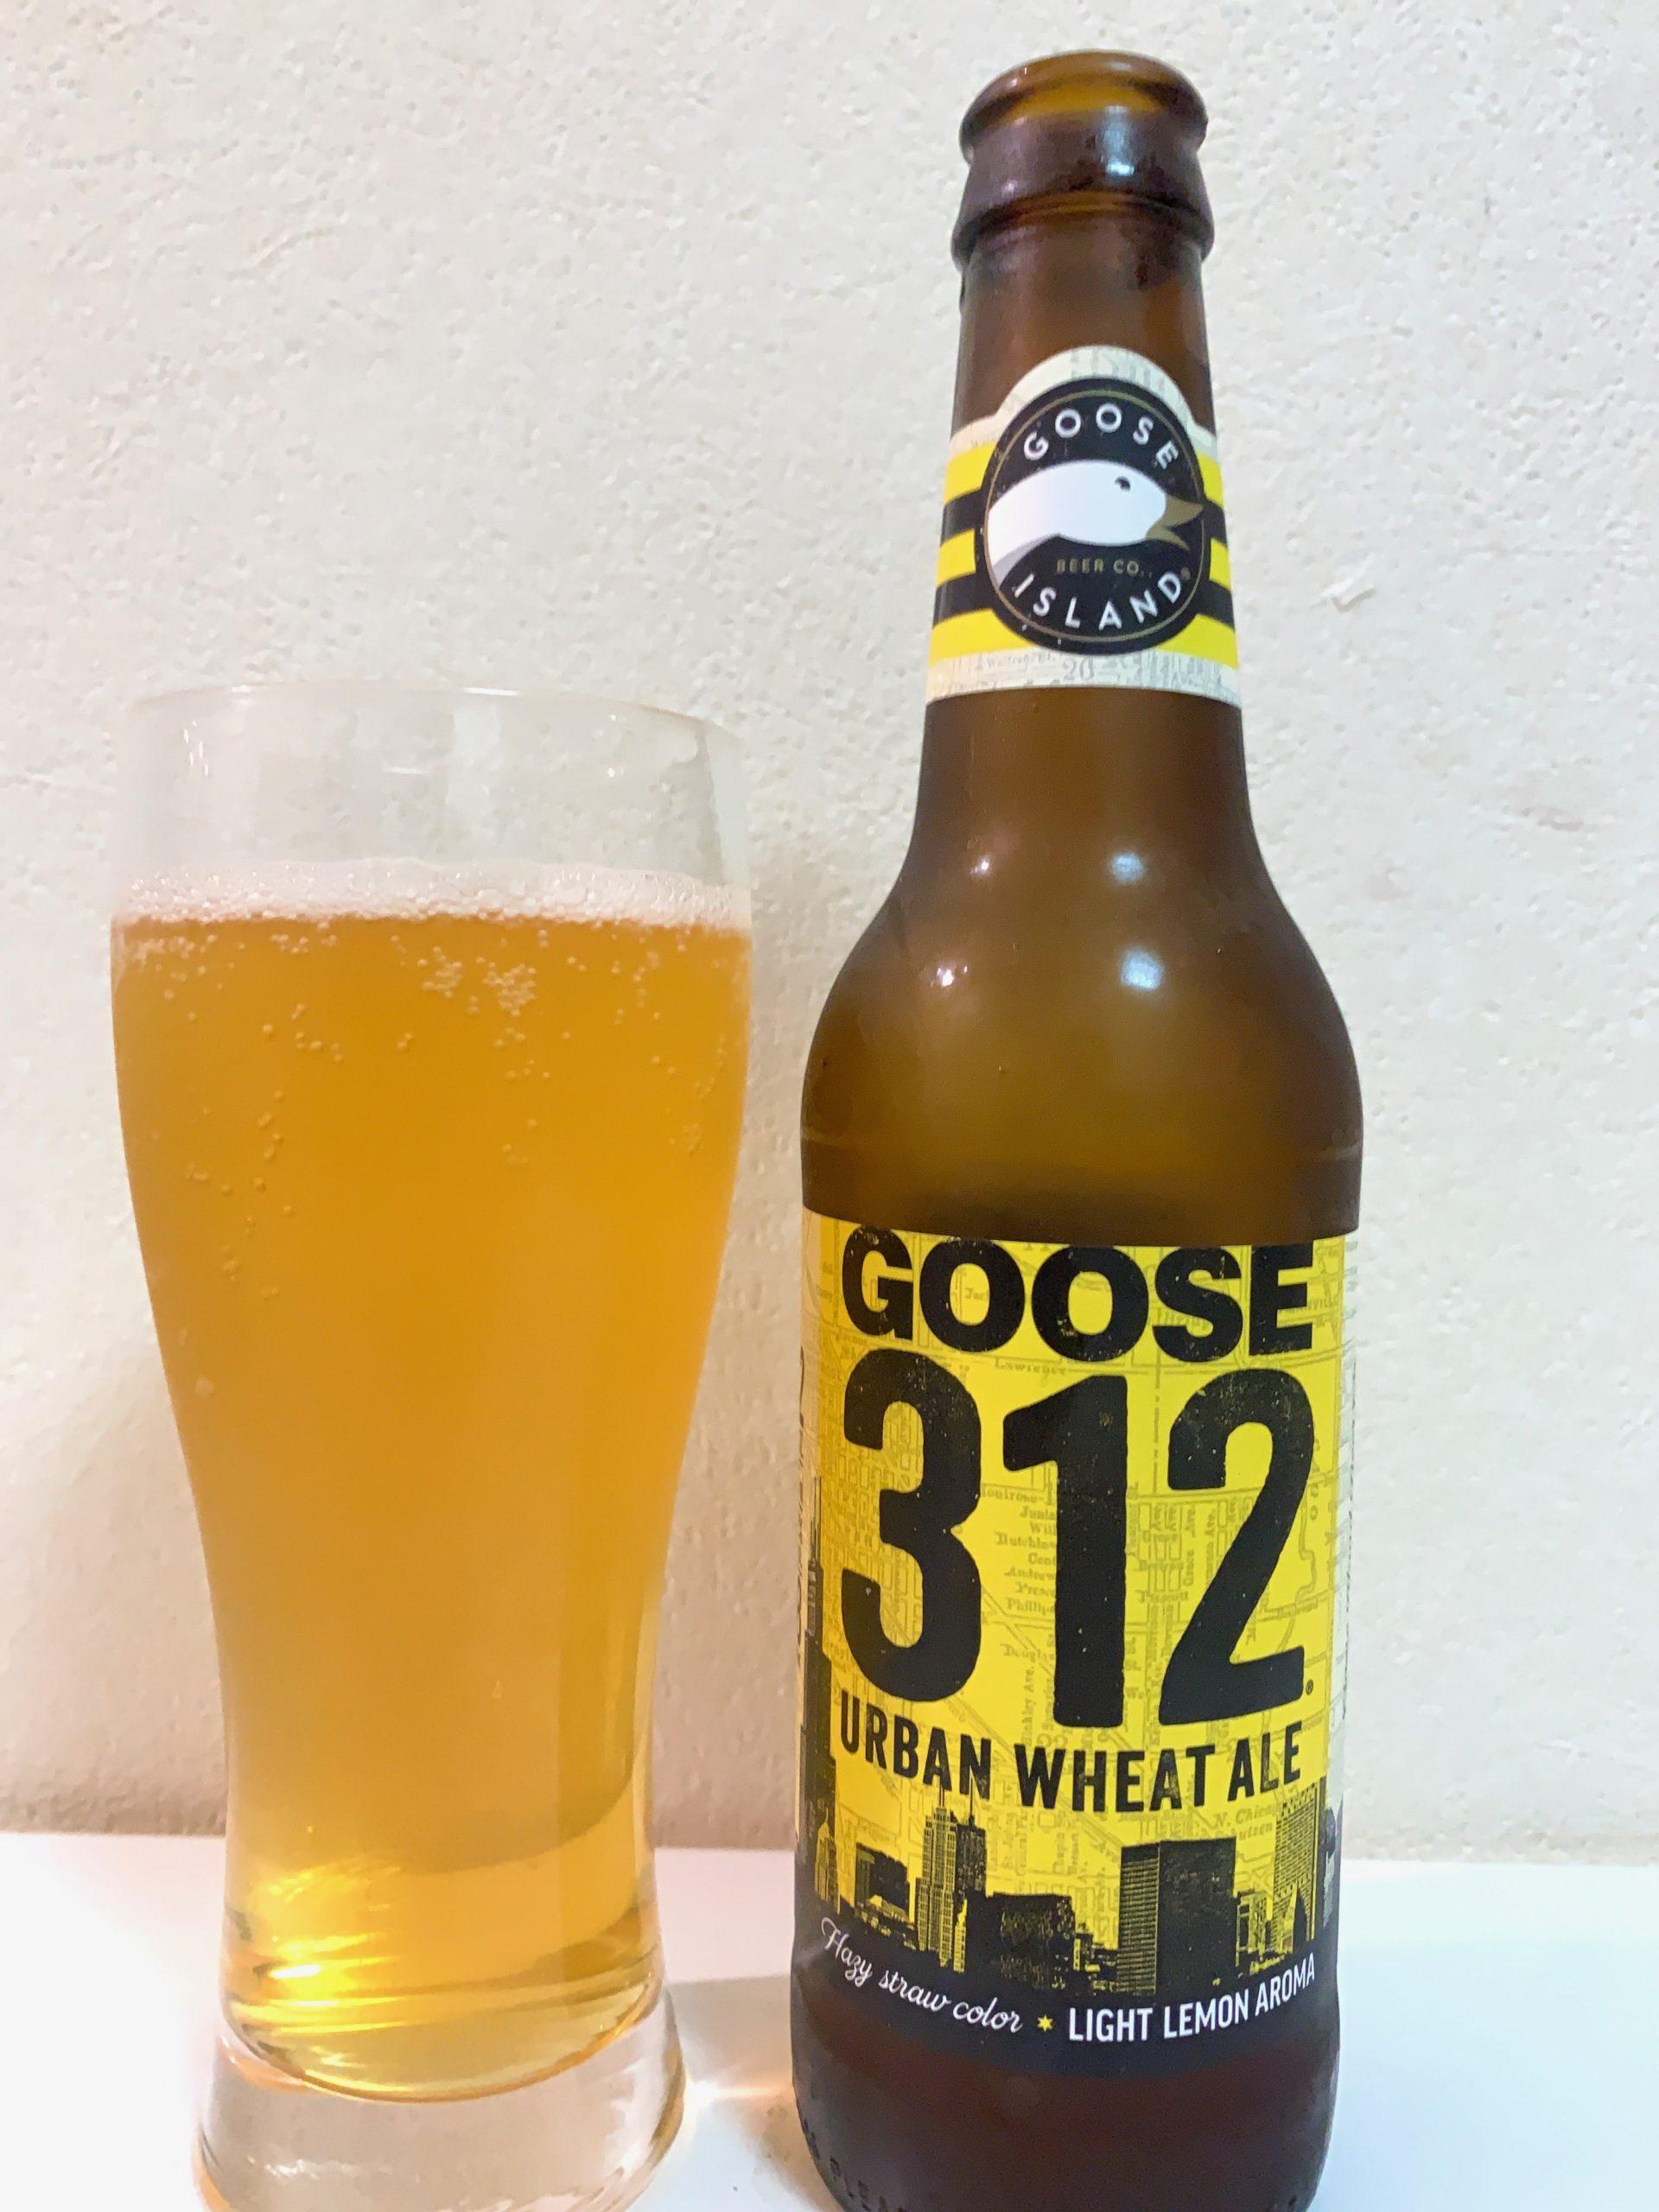 Goose 312 Urban Wheat Ale(グース312 アーバンウィートエール)